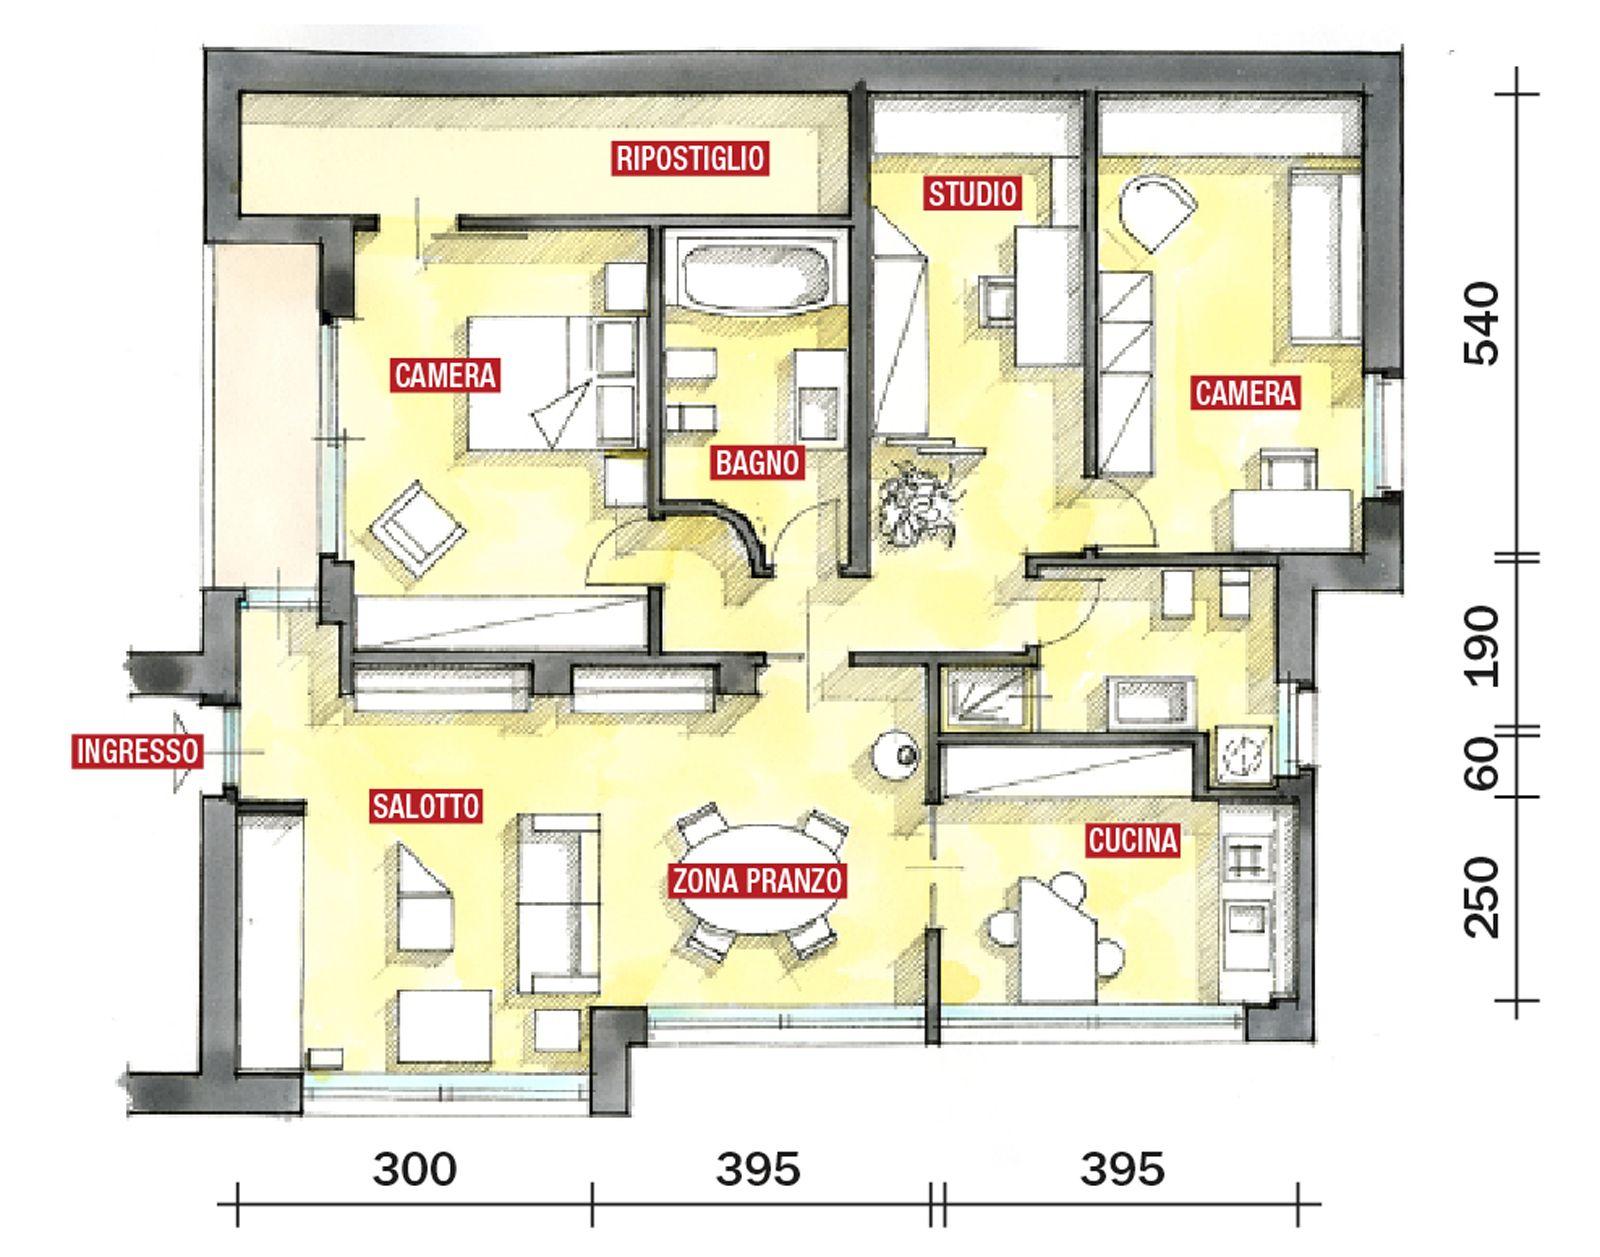 Progetti Di Case Su Un Piano Progetto Villetta 100 Mq Progetto Casa 130 Mq Planimetria Casa Americana Nel 2020 Planimetrie Di Case Progetto Casa Planimetrie